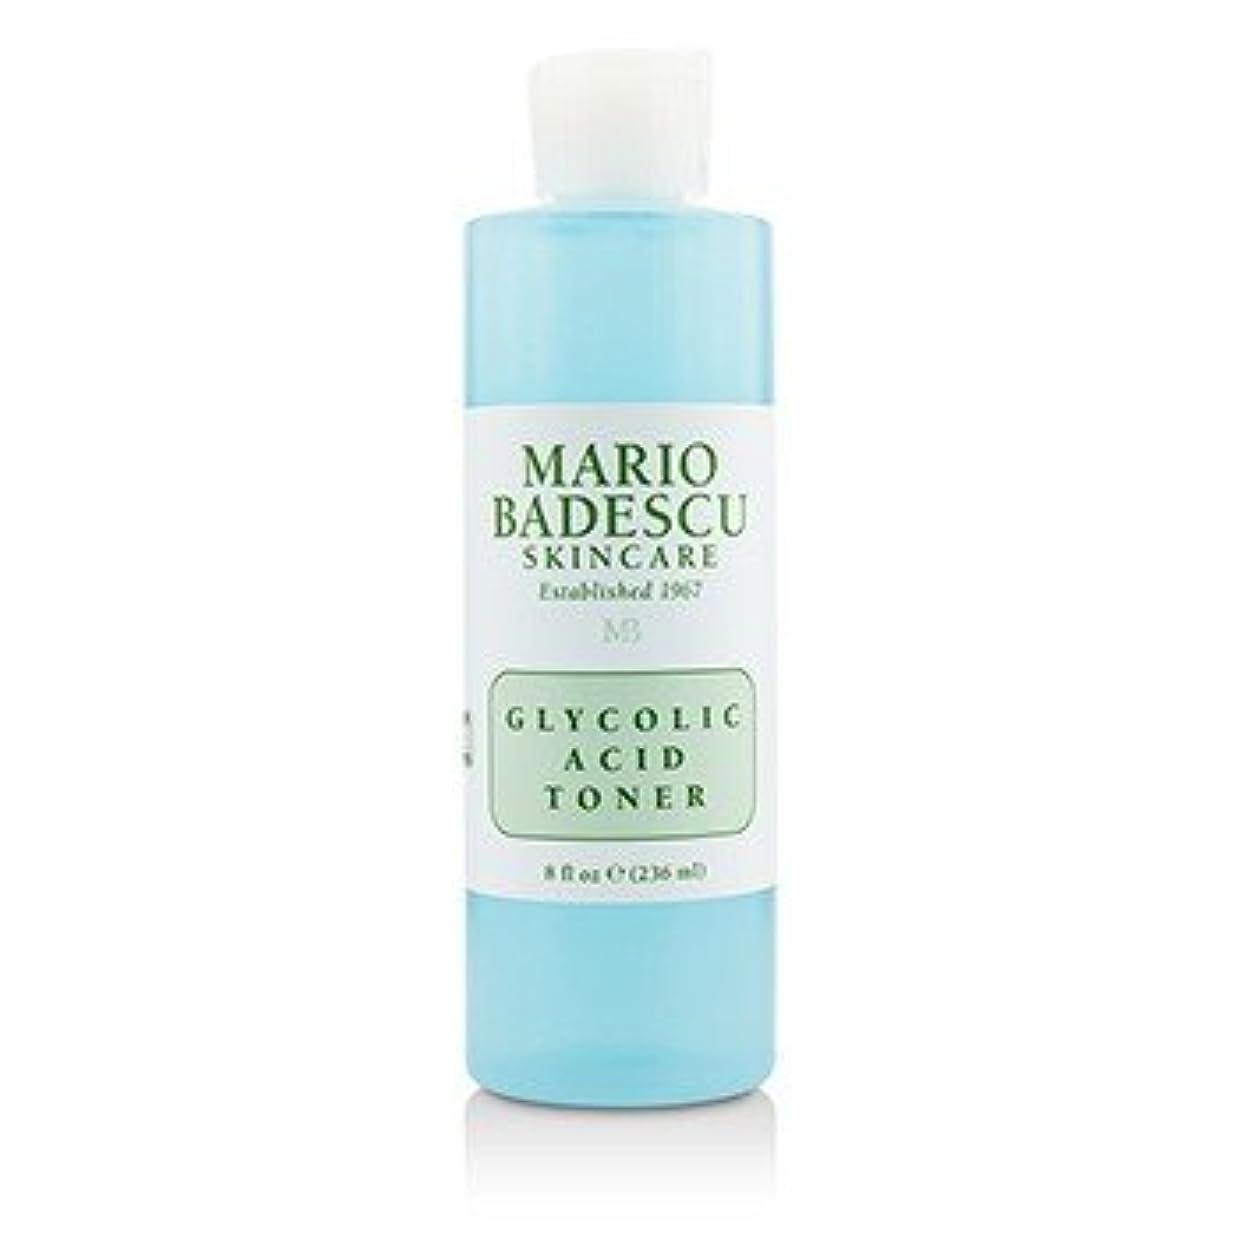 終了する重要な爆発する[Mario Badescu] Glycolic Acid Toner - For Combination/ Dry Skin Types 236ml/8oz